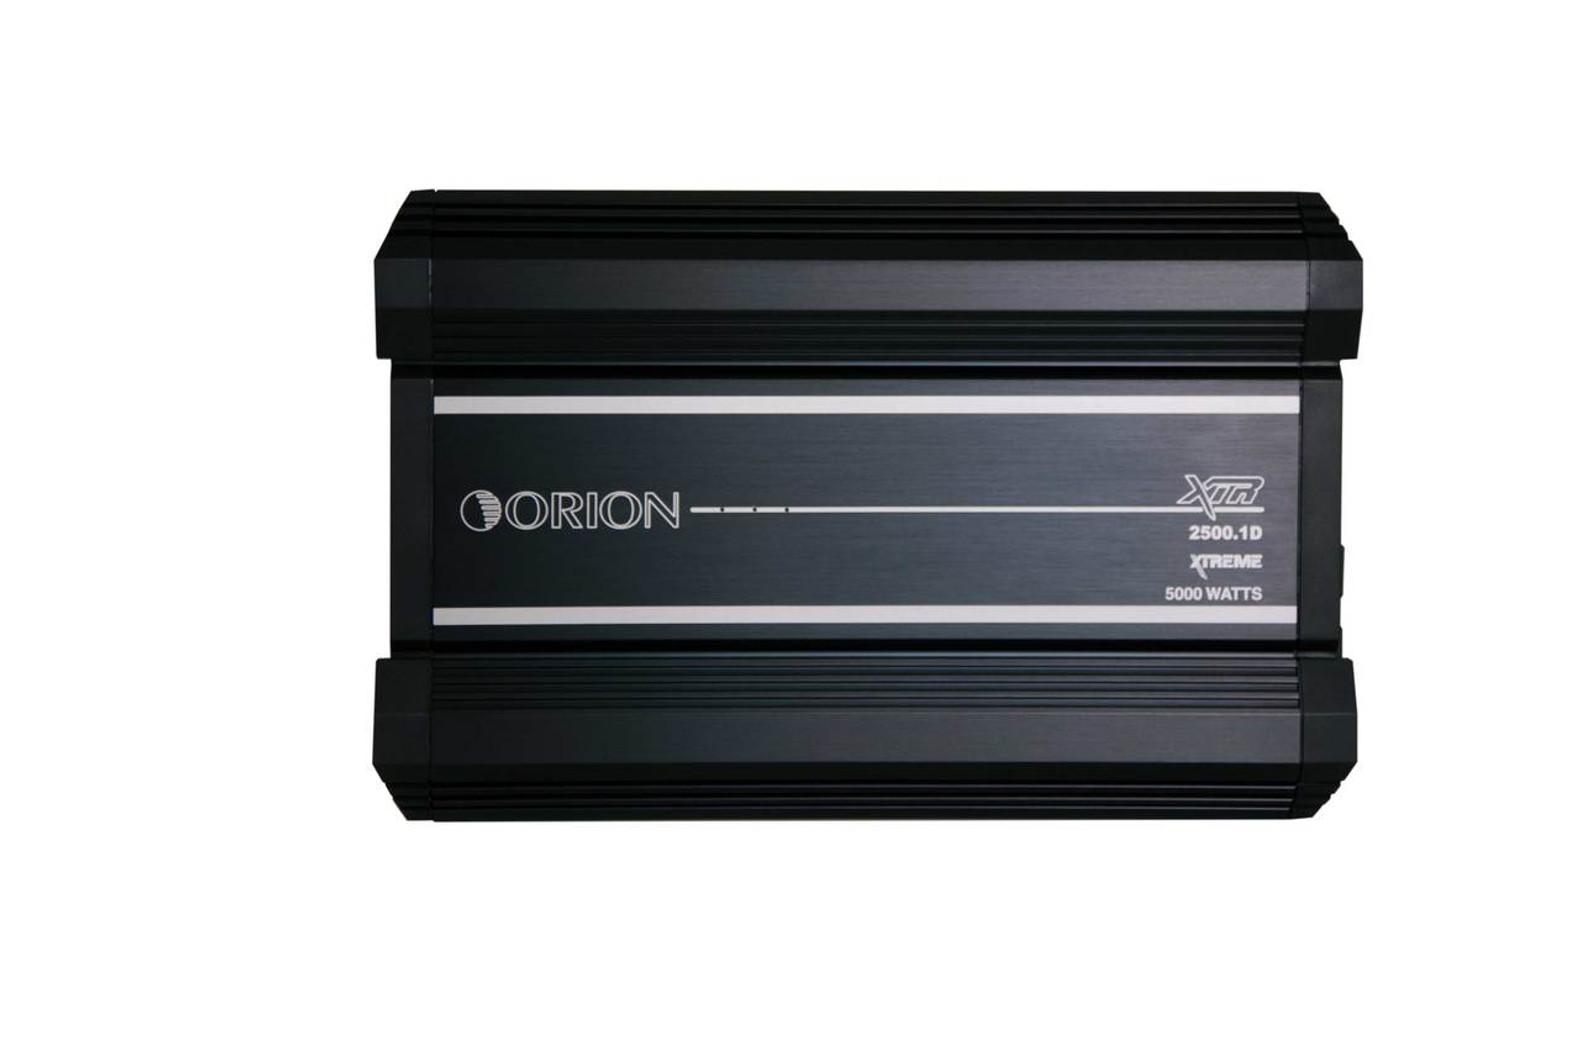 ORION XTR XTR2500 1DZ, CLASS D AMPLIFIER 2500 WATTS RMS 1 OHM